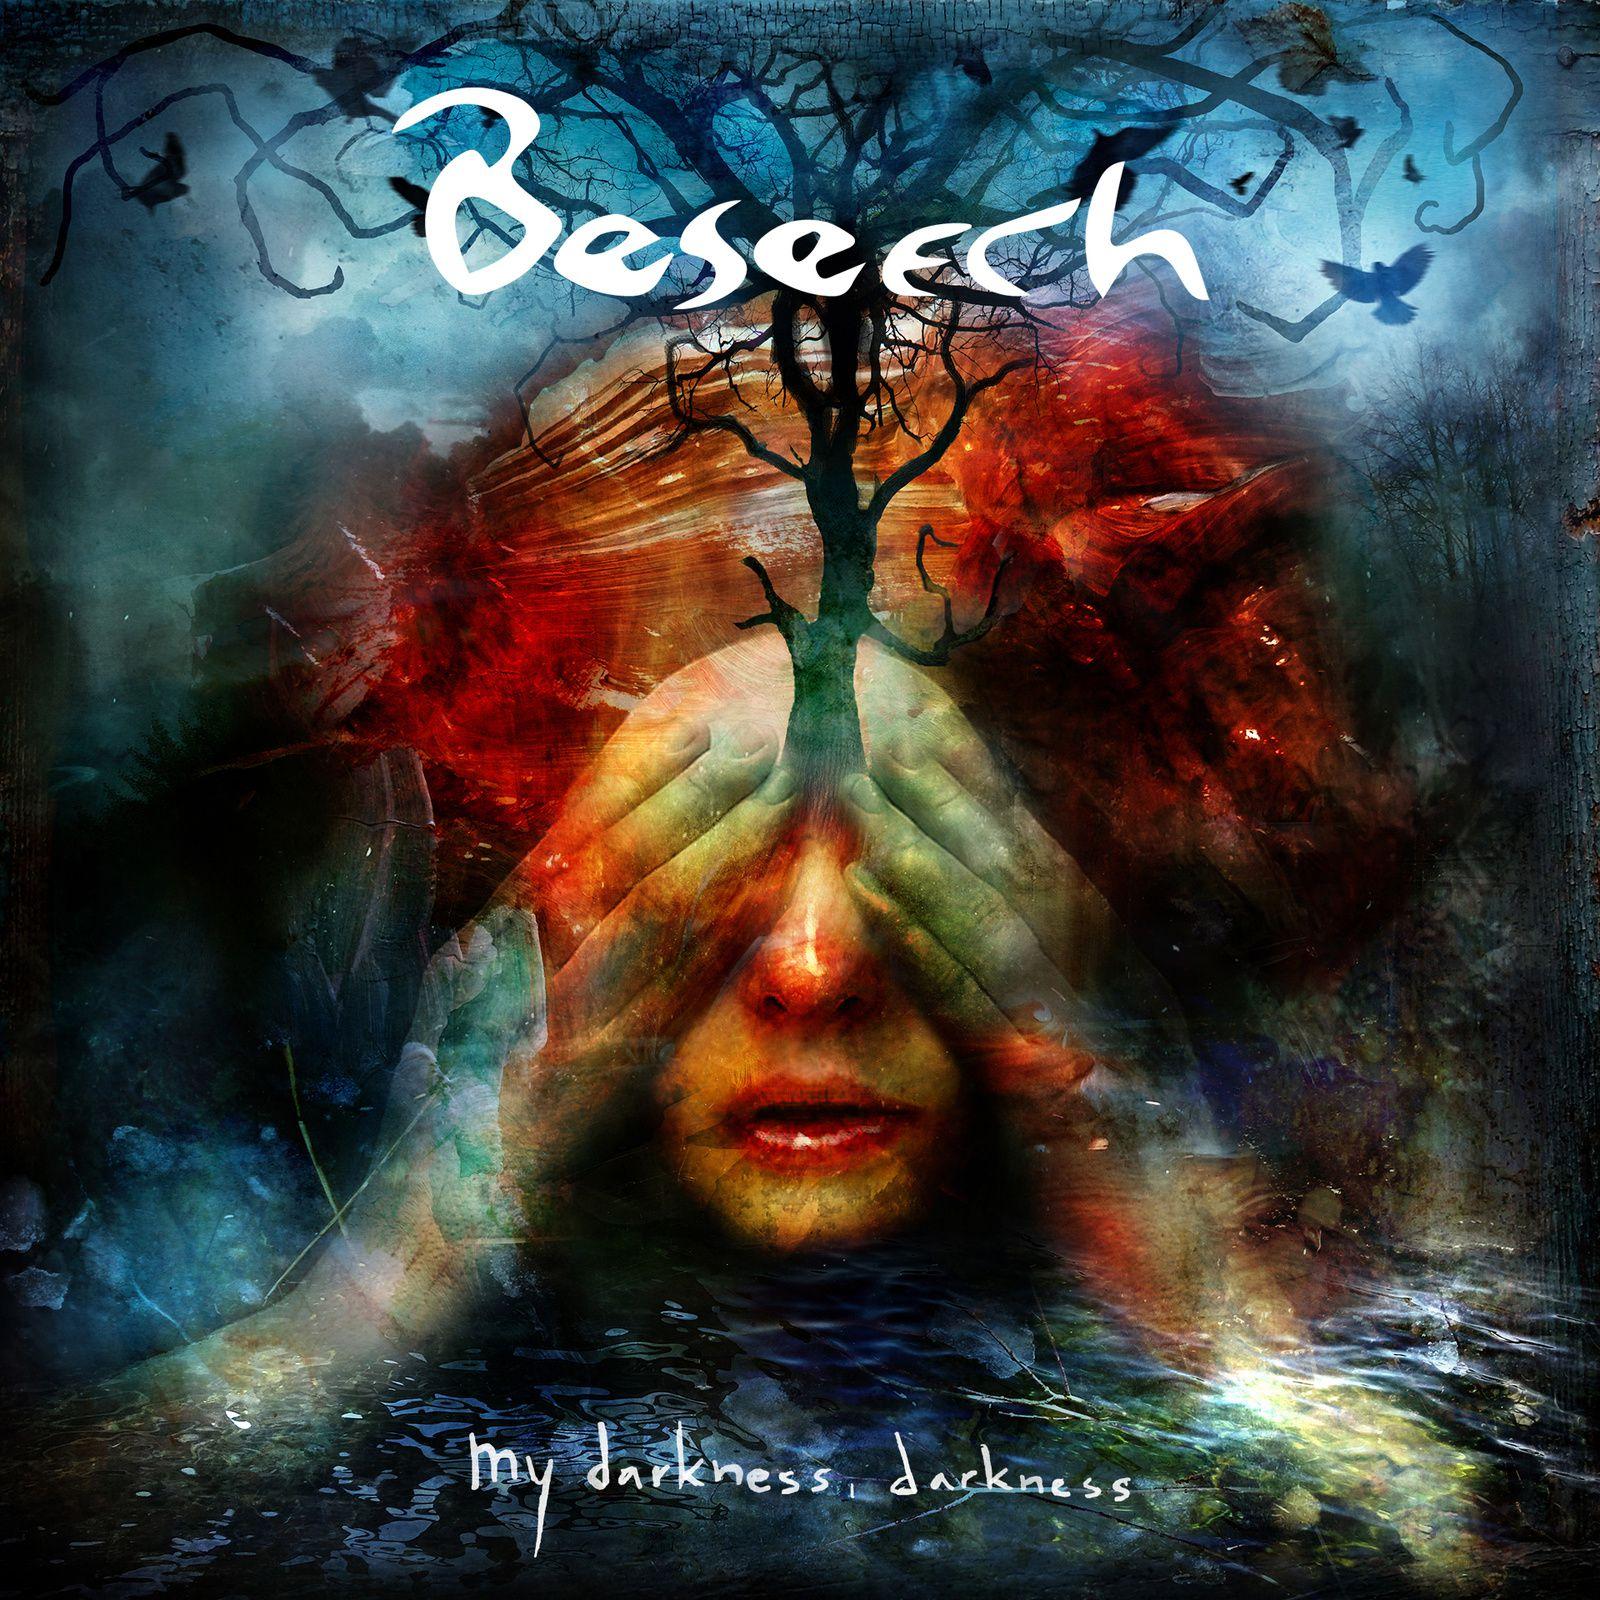 New album from BESEECH announced